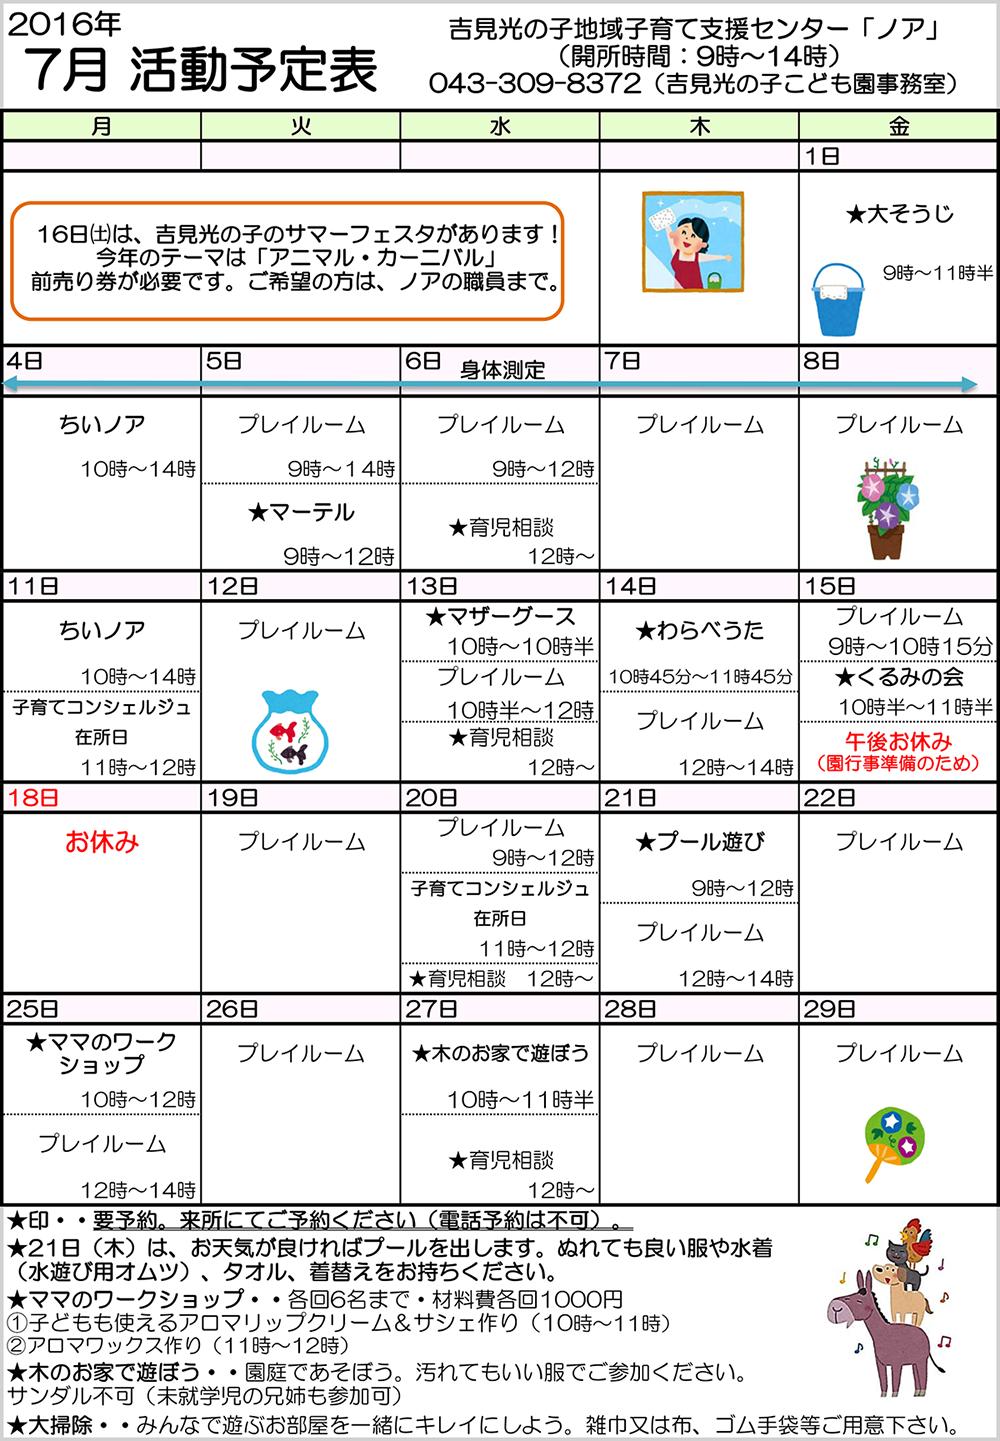 2016 7月ノア活動予定表